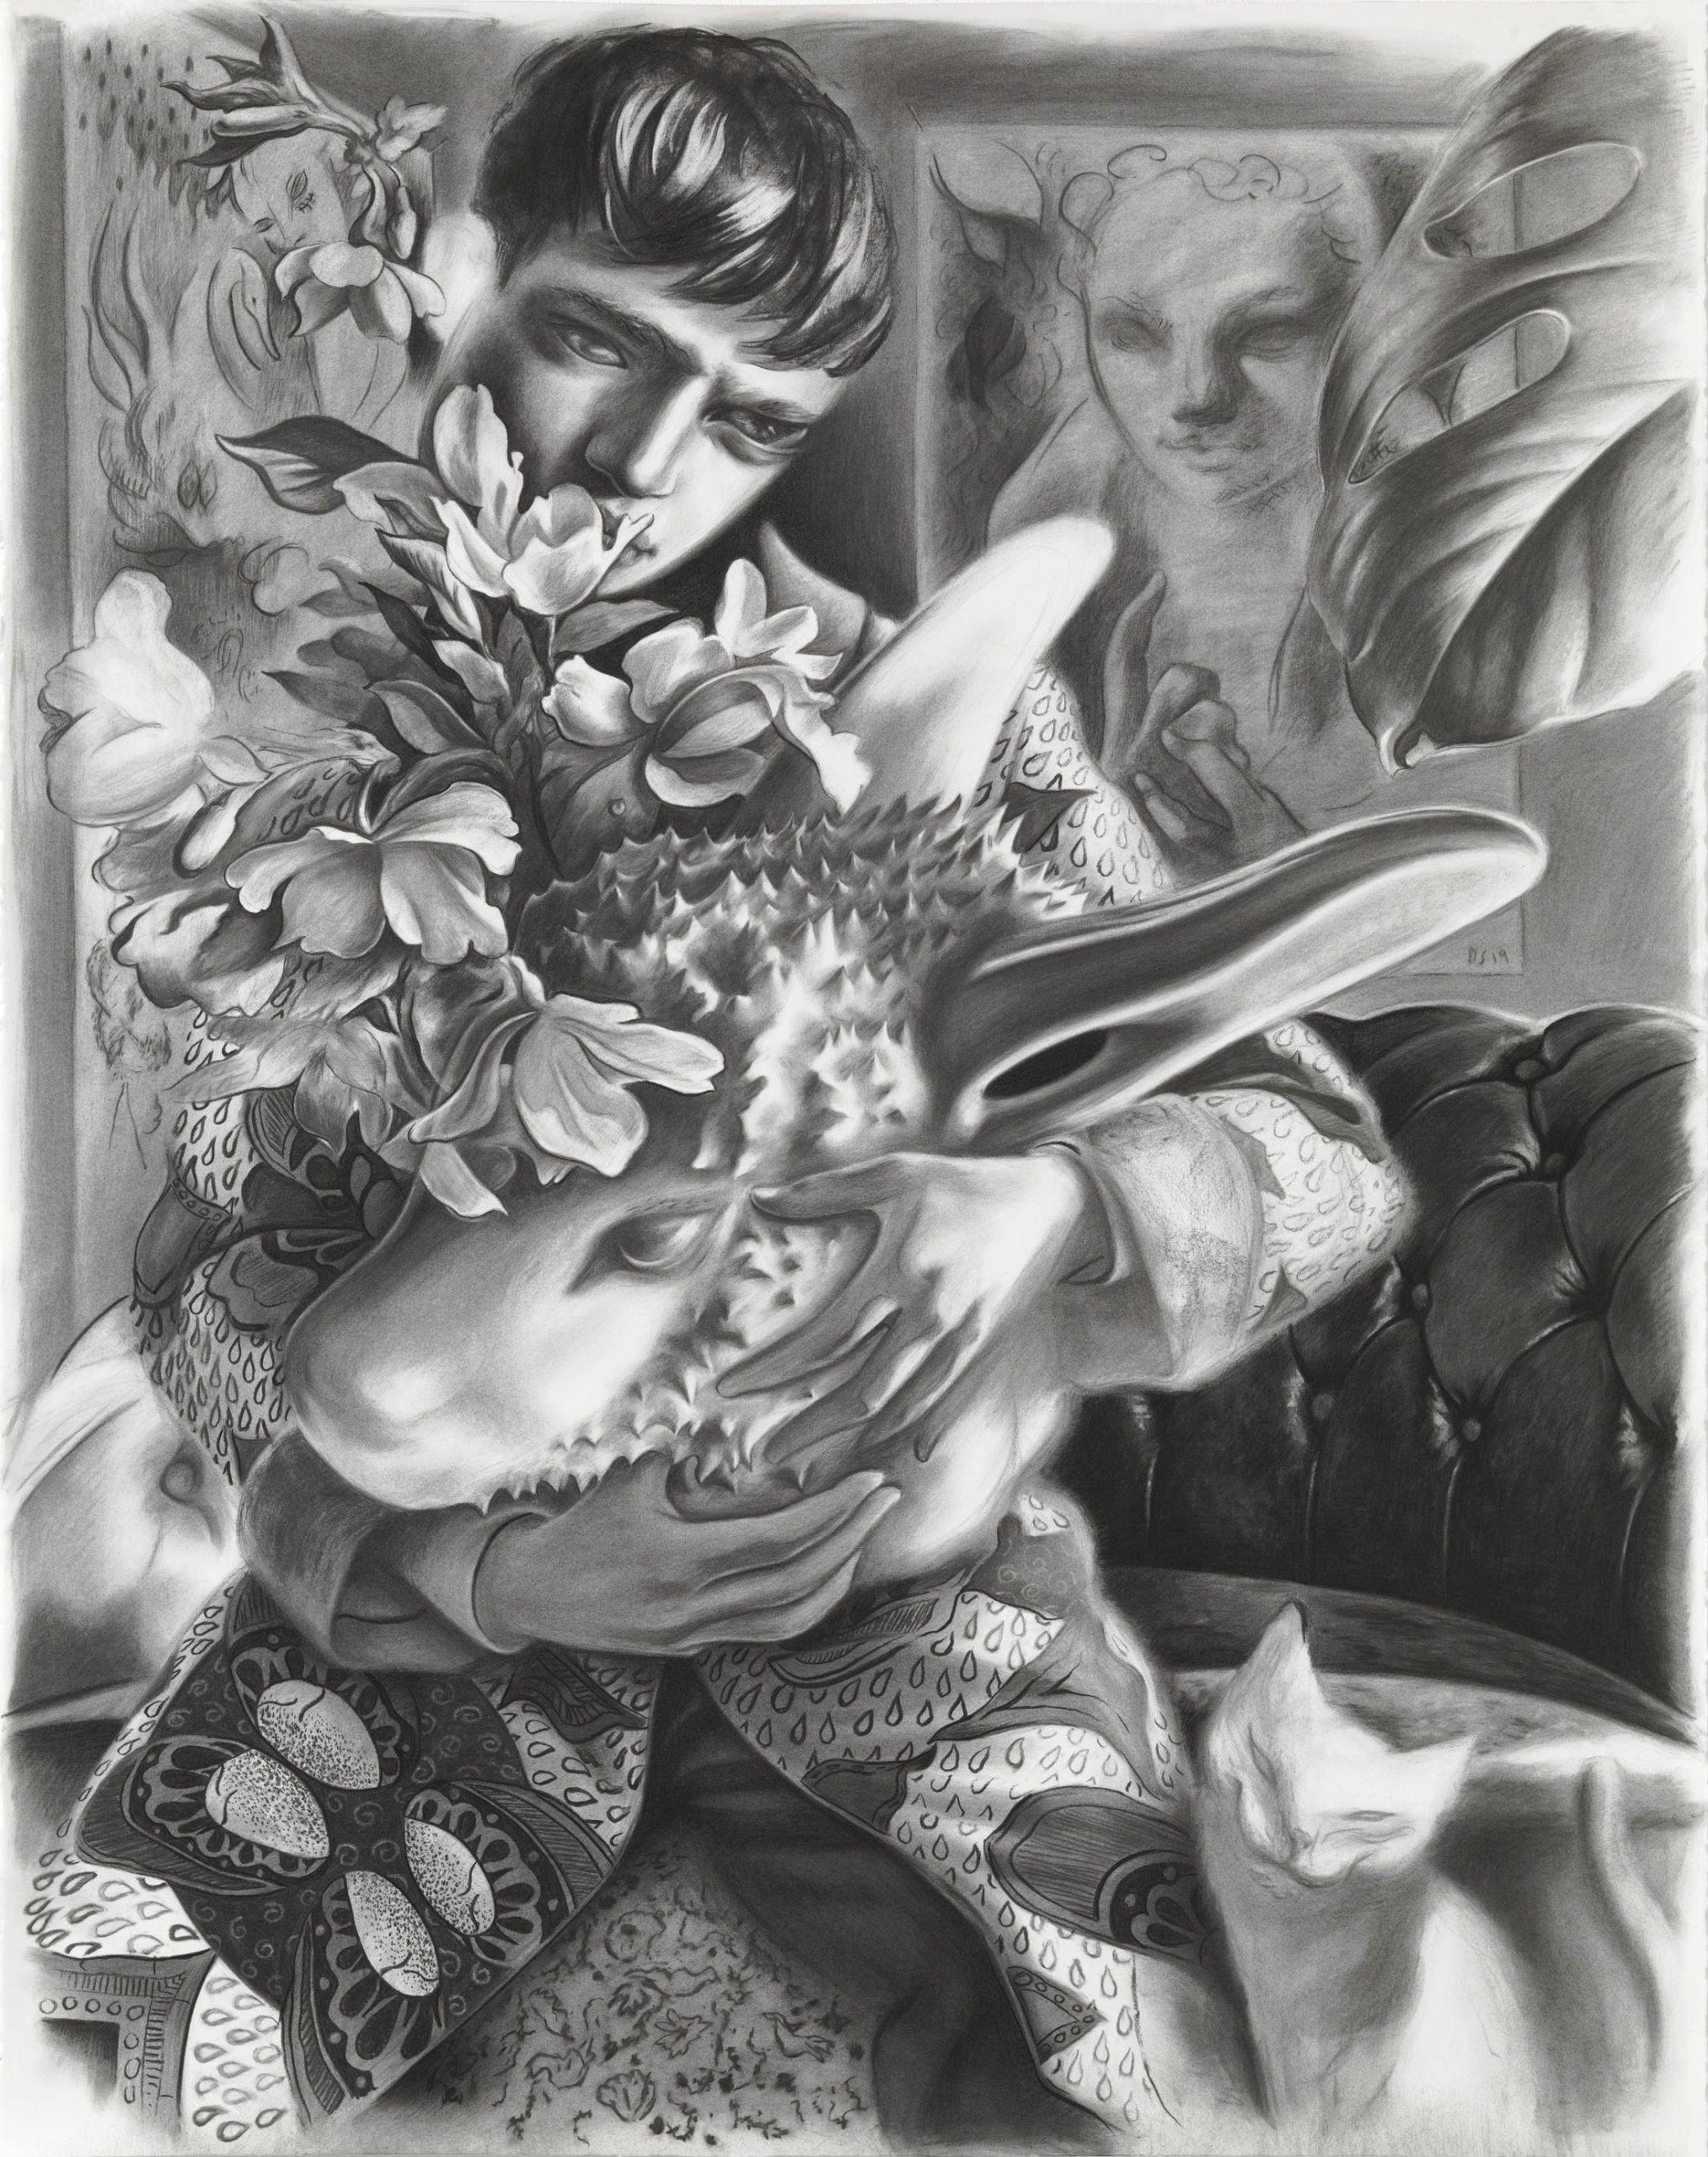 Dennis Scholl Gefährdende Spiele Artist Drawing